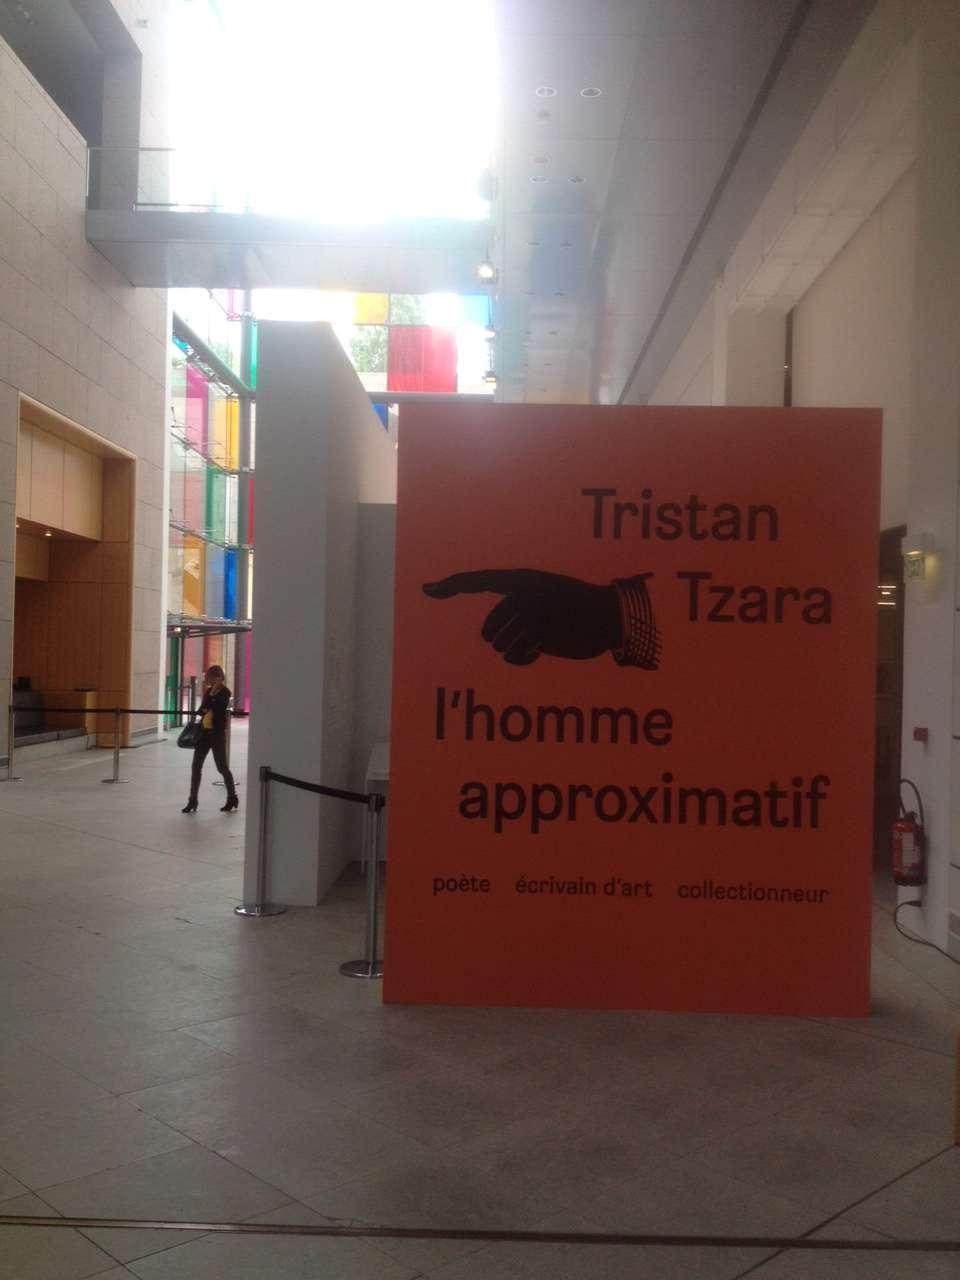 Intrarea în sàlile expozitiei consacrate lui Tristan Tzara la MAMCS